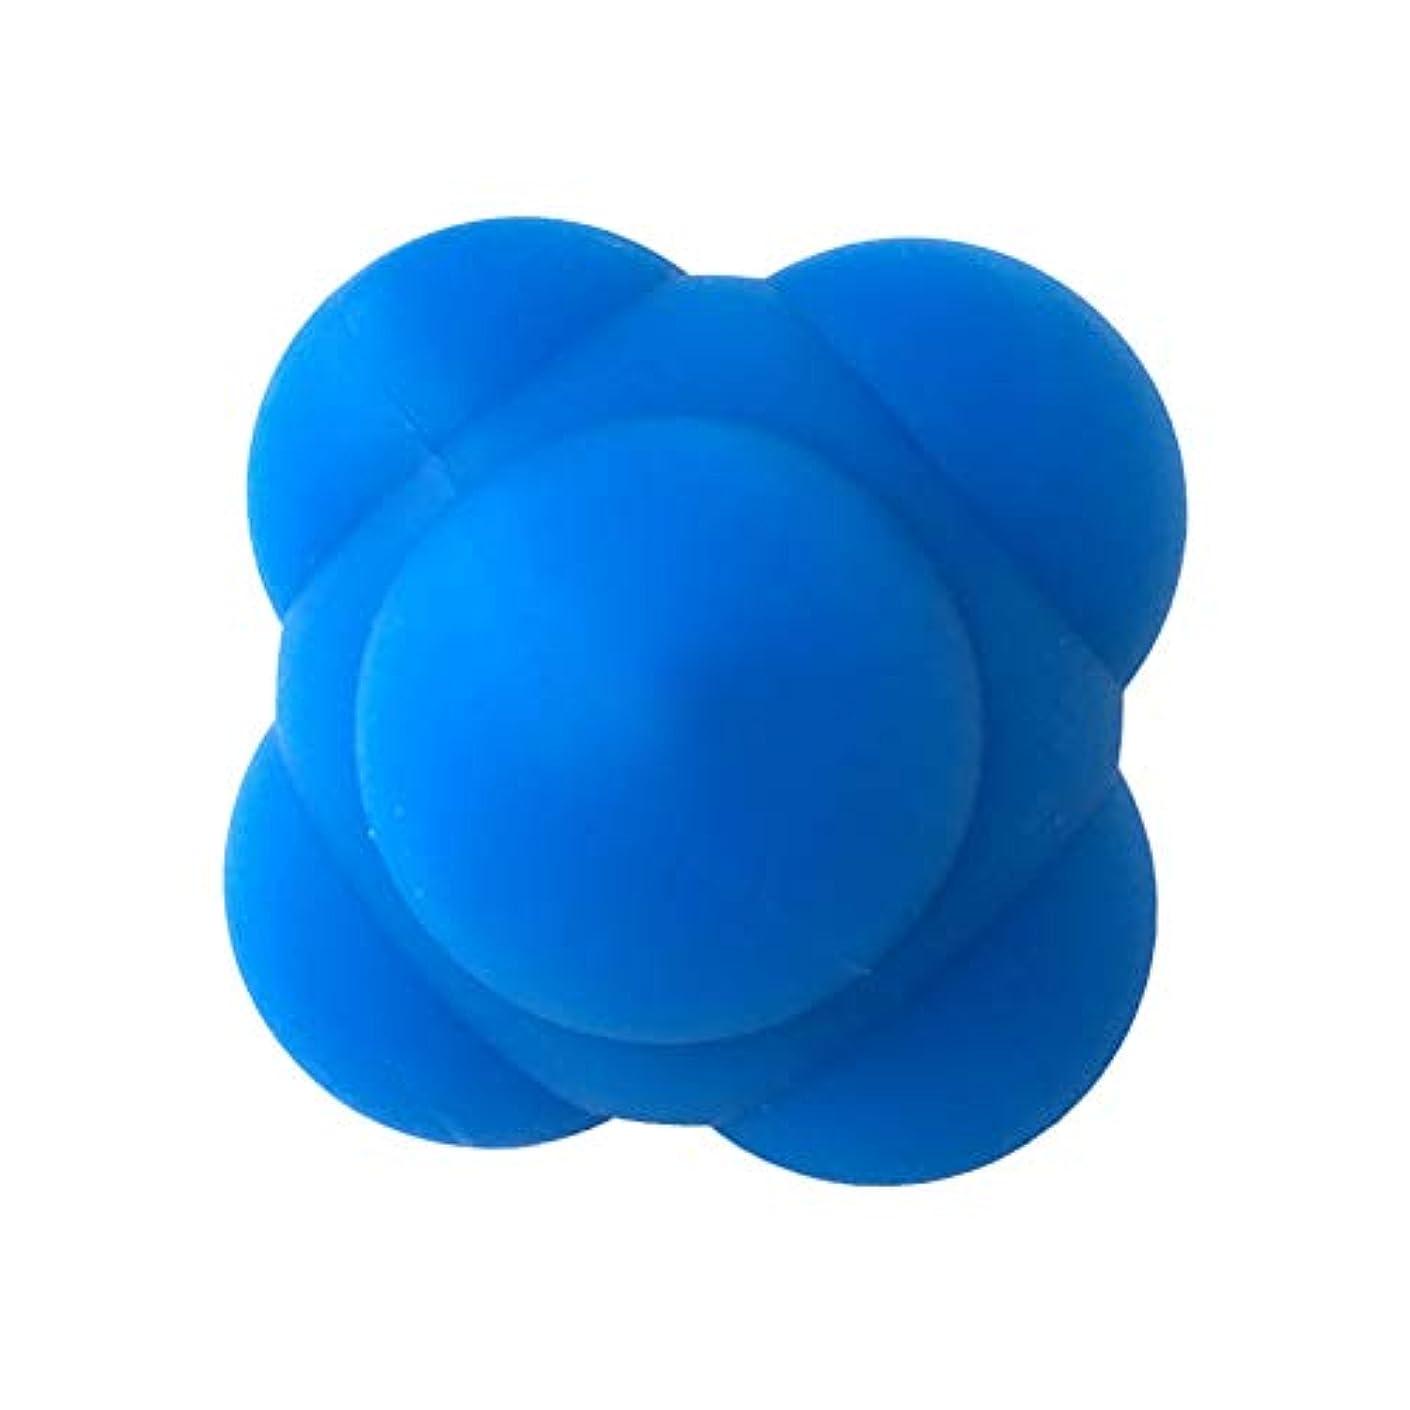 懺悔しつけ蚊Healifty シリコントレーニングボールフィットネスリアクションエクササイズボール速さと敏捷性トレーニングボール(青/ 6cm)